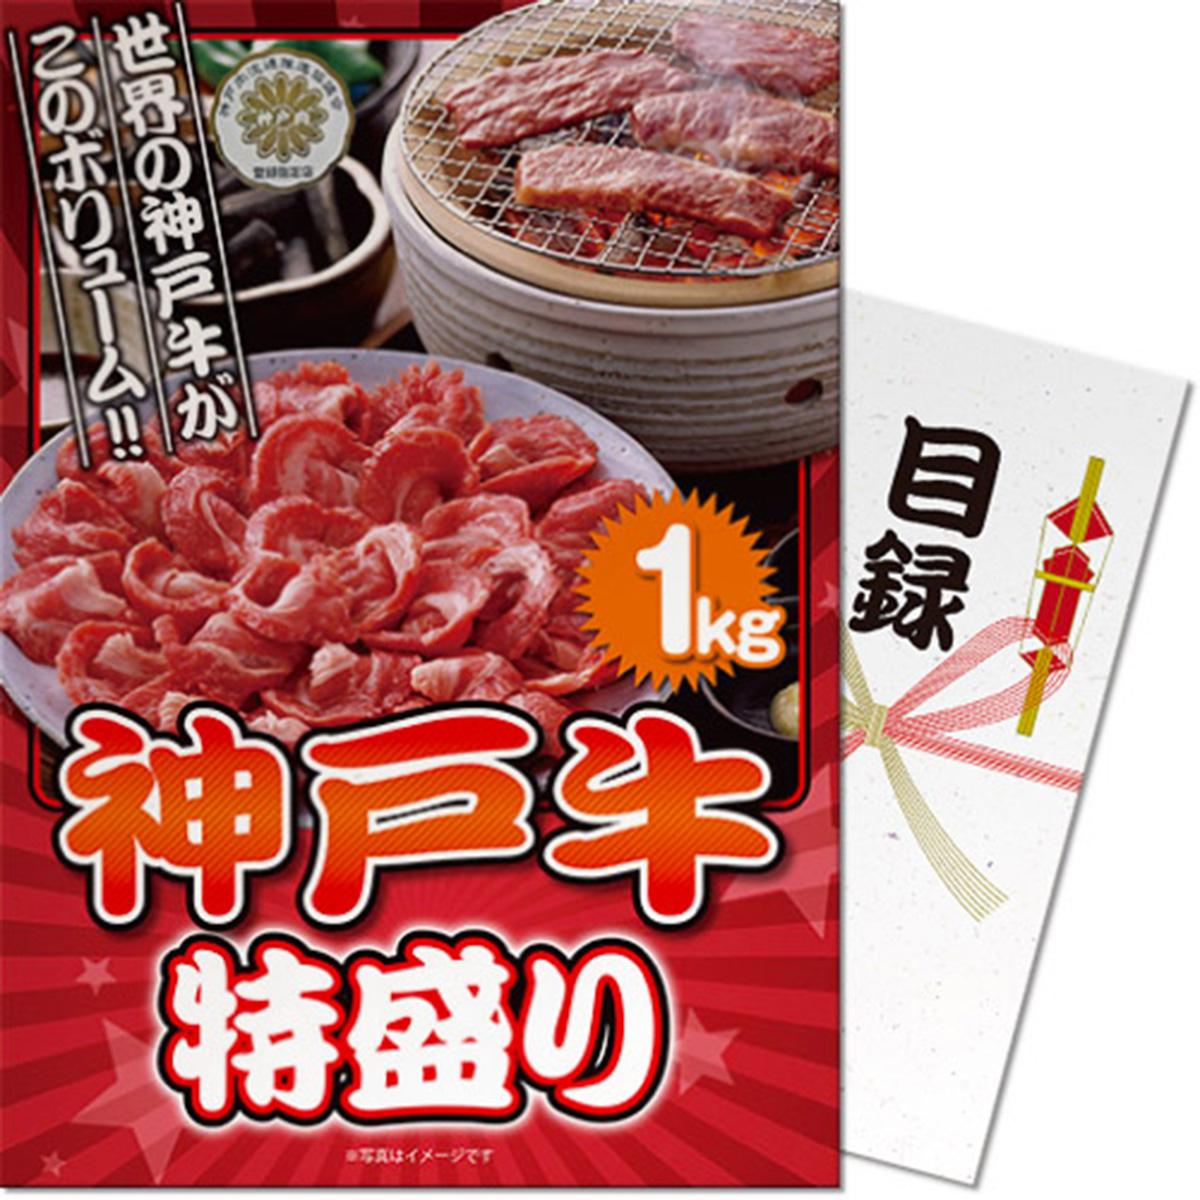 パネもく!神戸牛特盛り1kg 目録 A4パネル付き